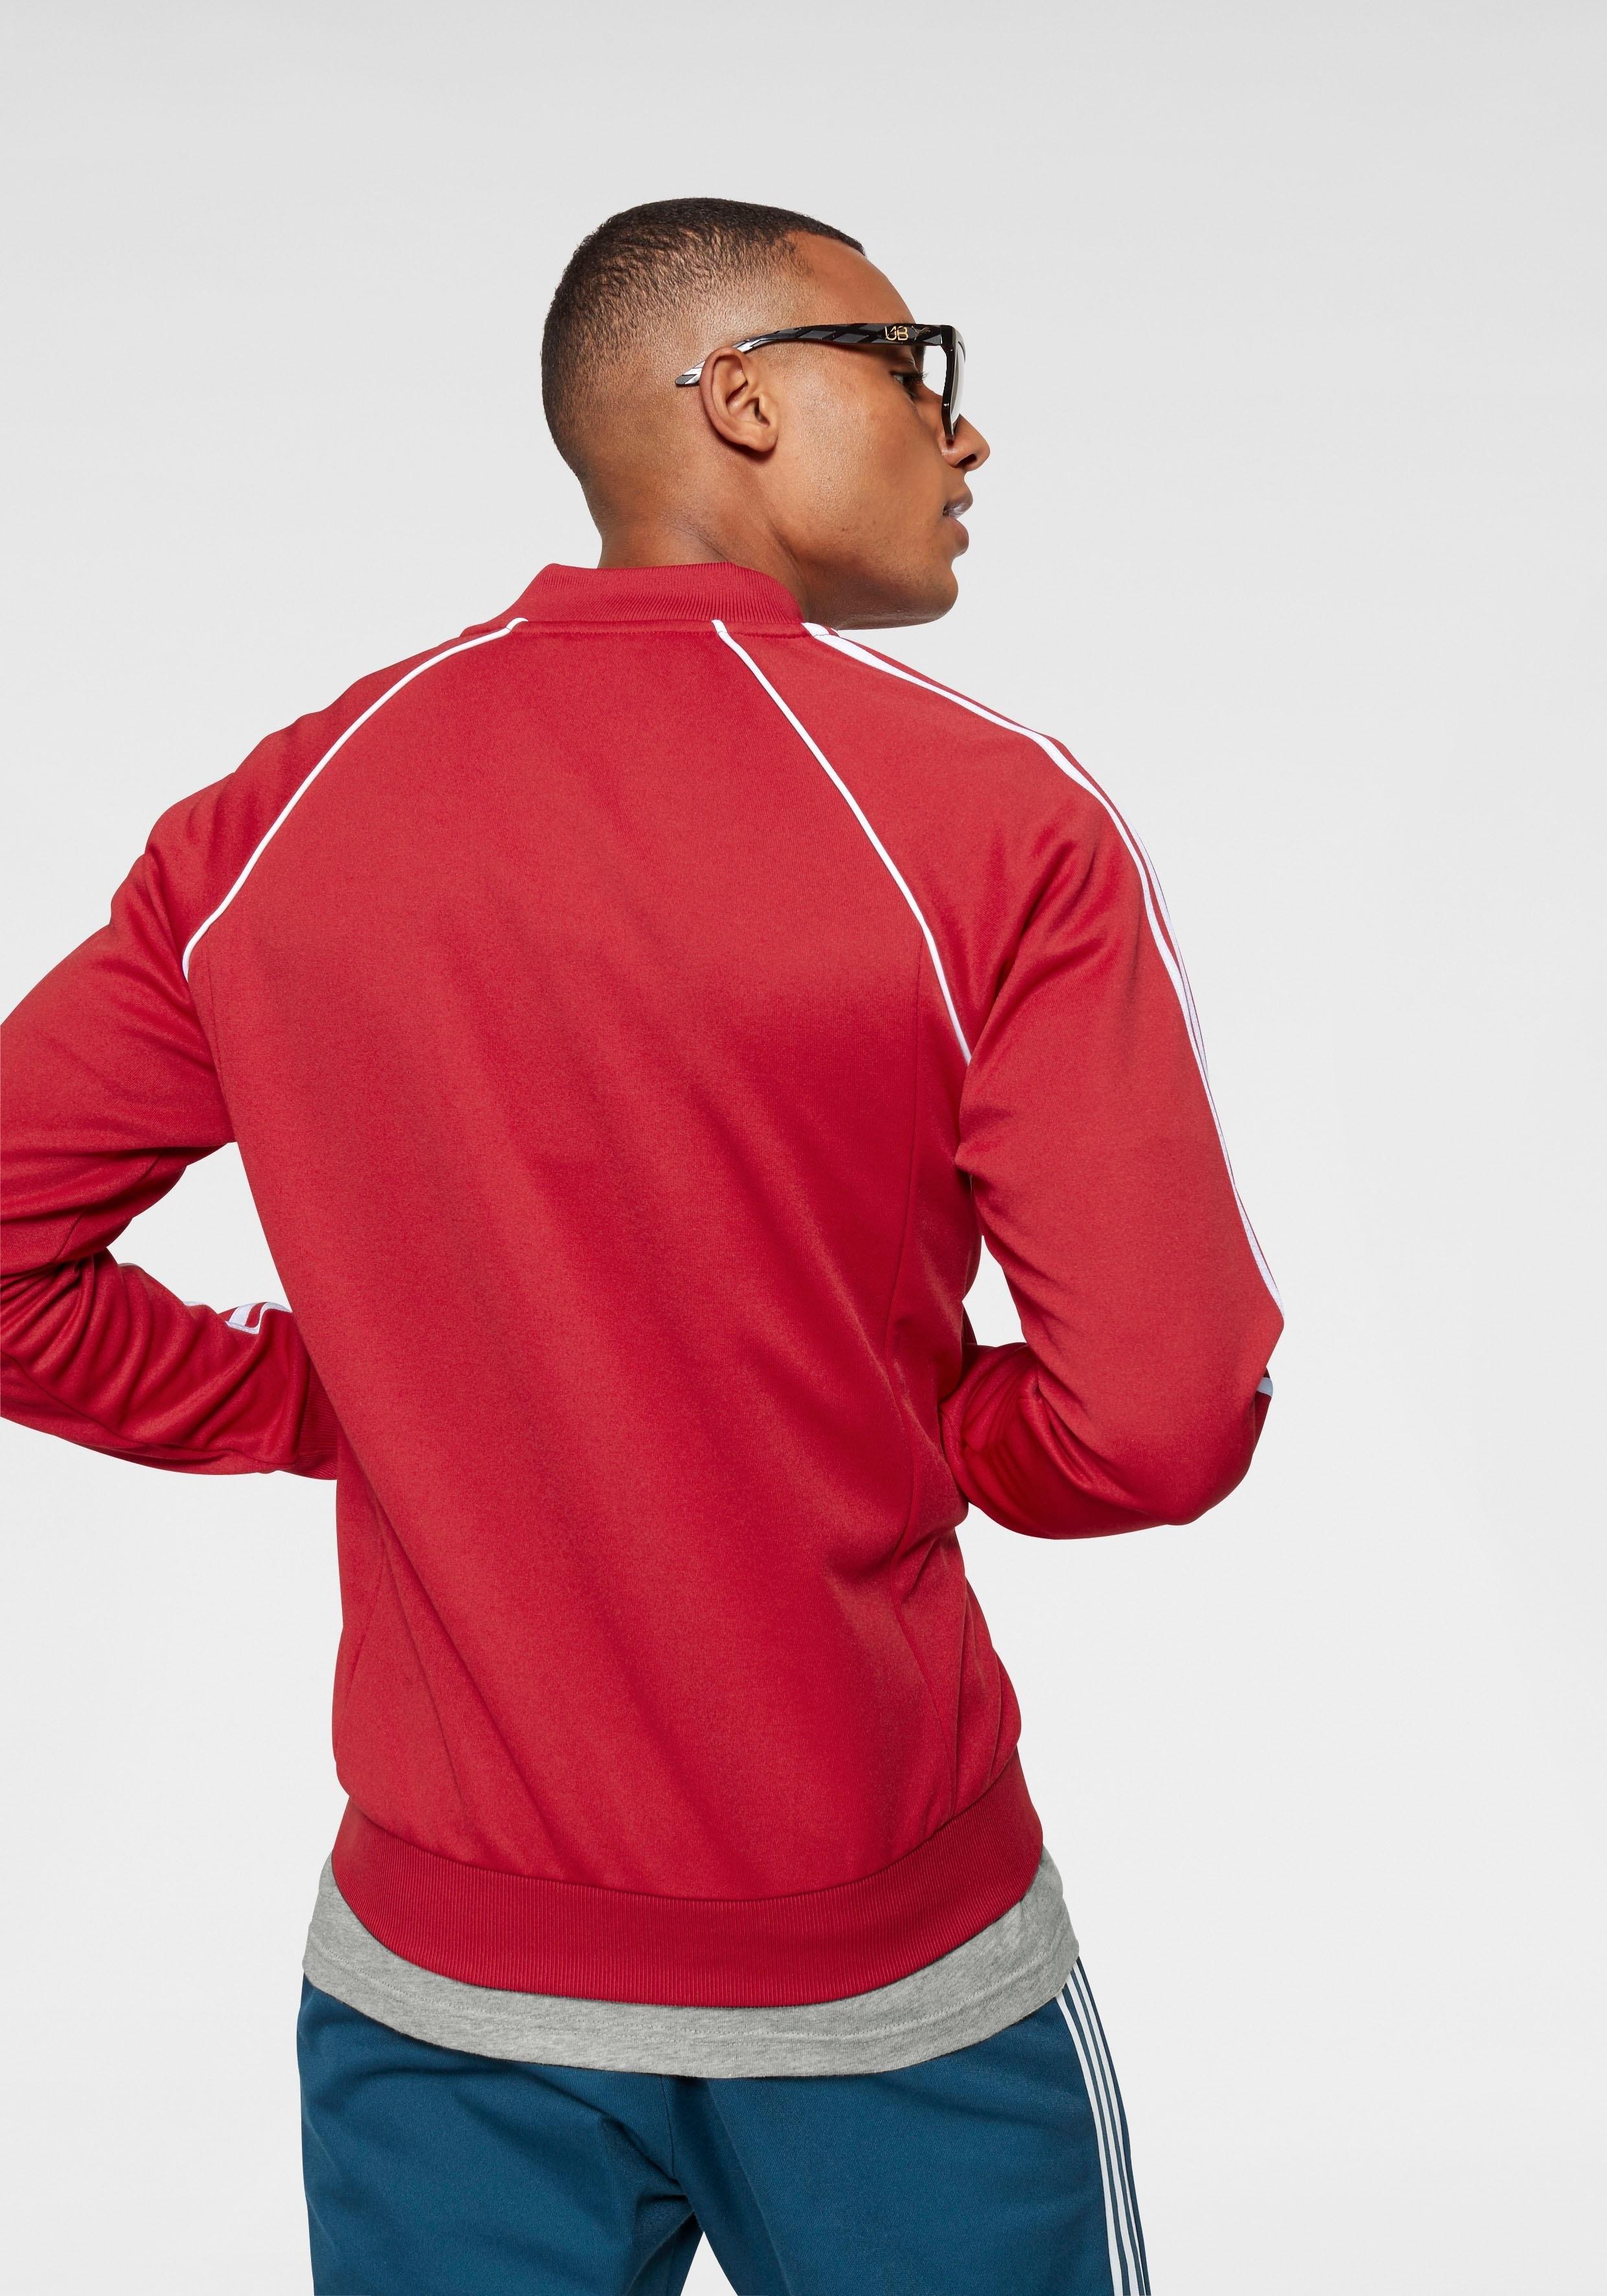 Online Adidas Originals Shoppen Tt Trainingsjacksst oWdeBCrx